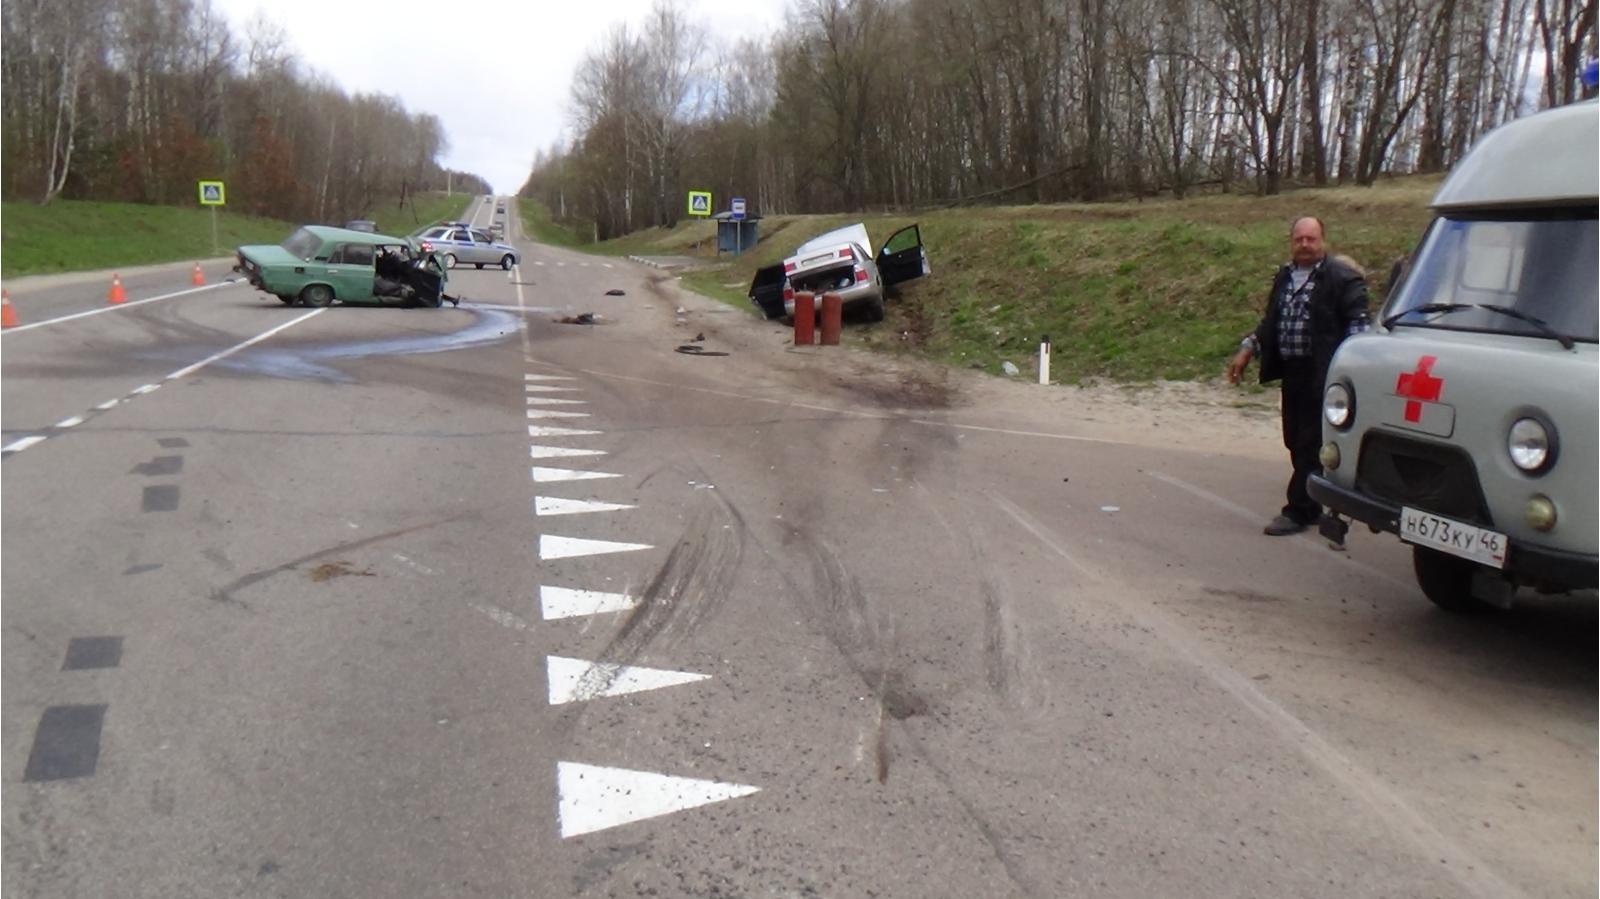 ВКурской области случилось  смертельное ДТП: двое погибших, пятеро раненых